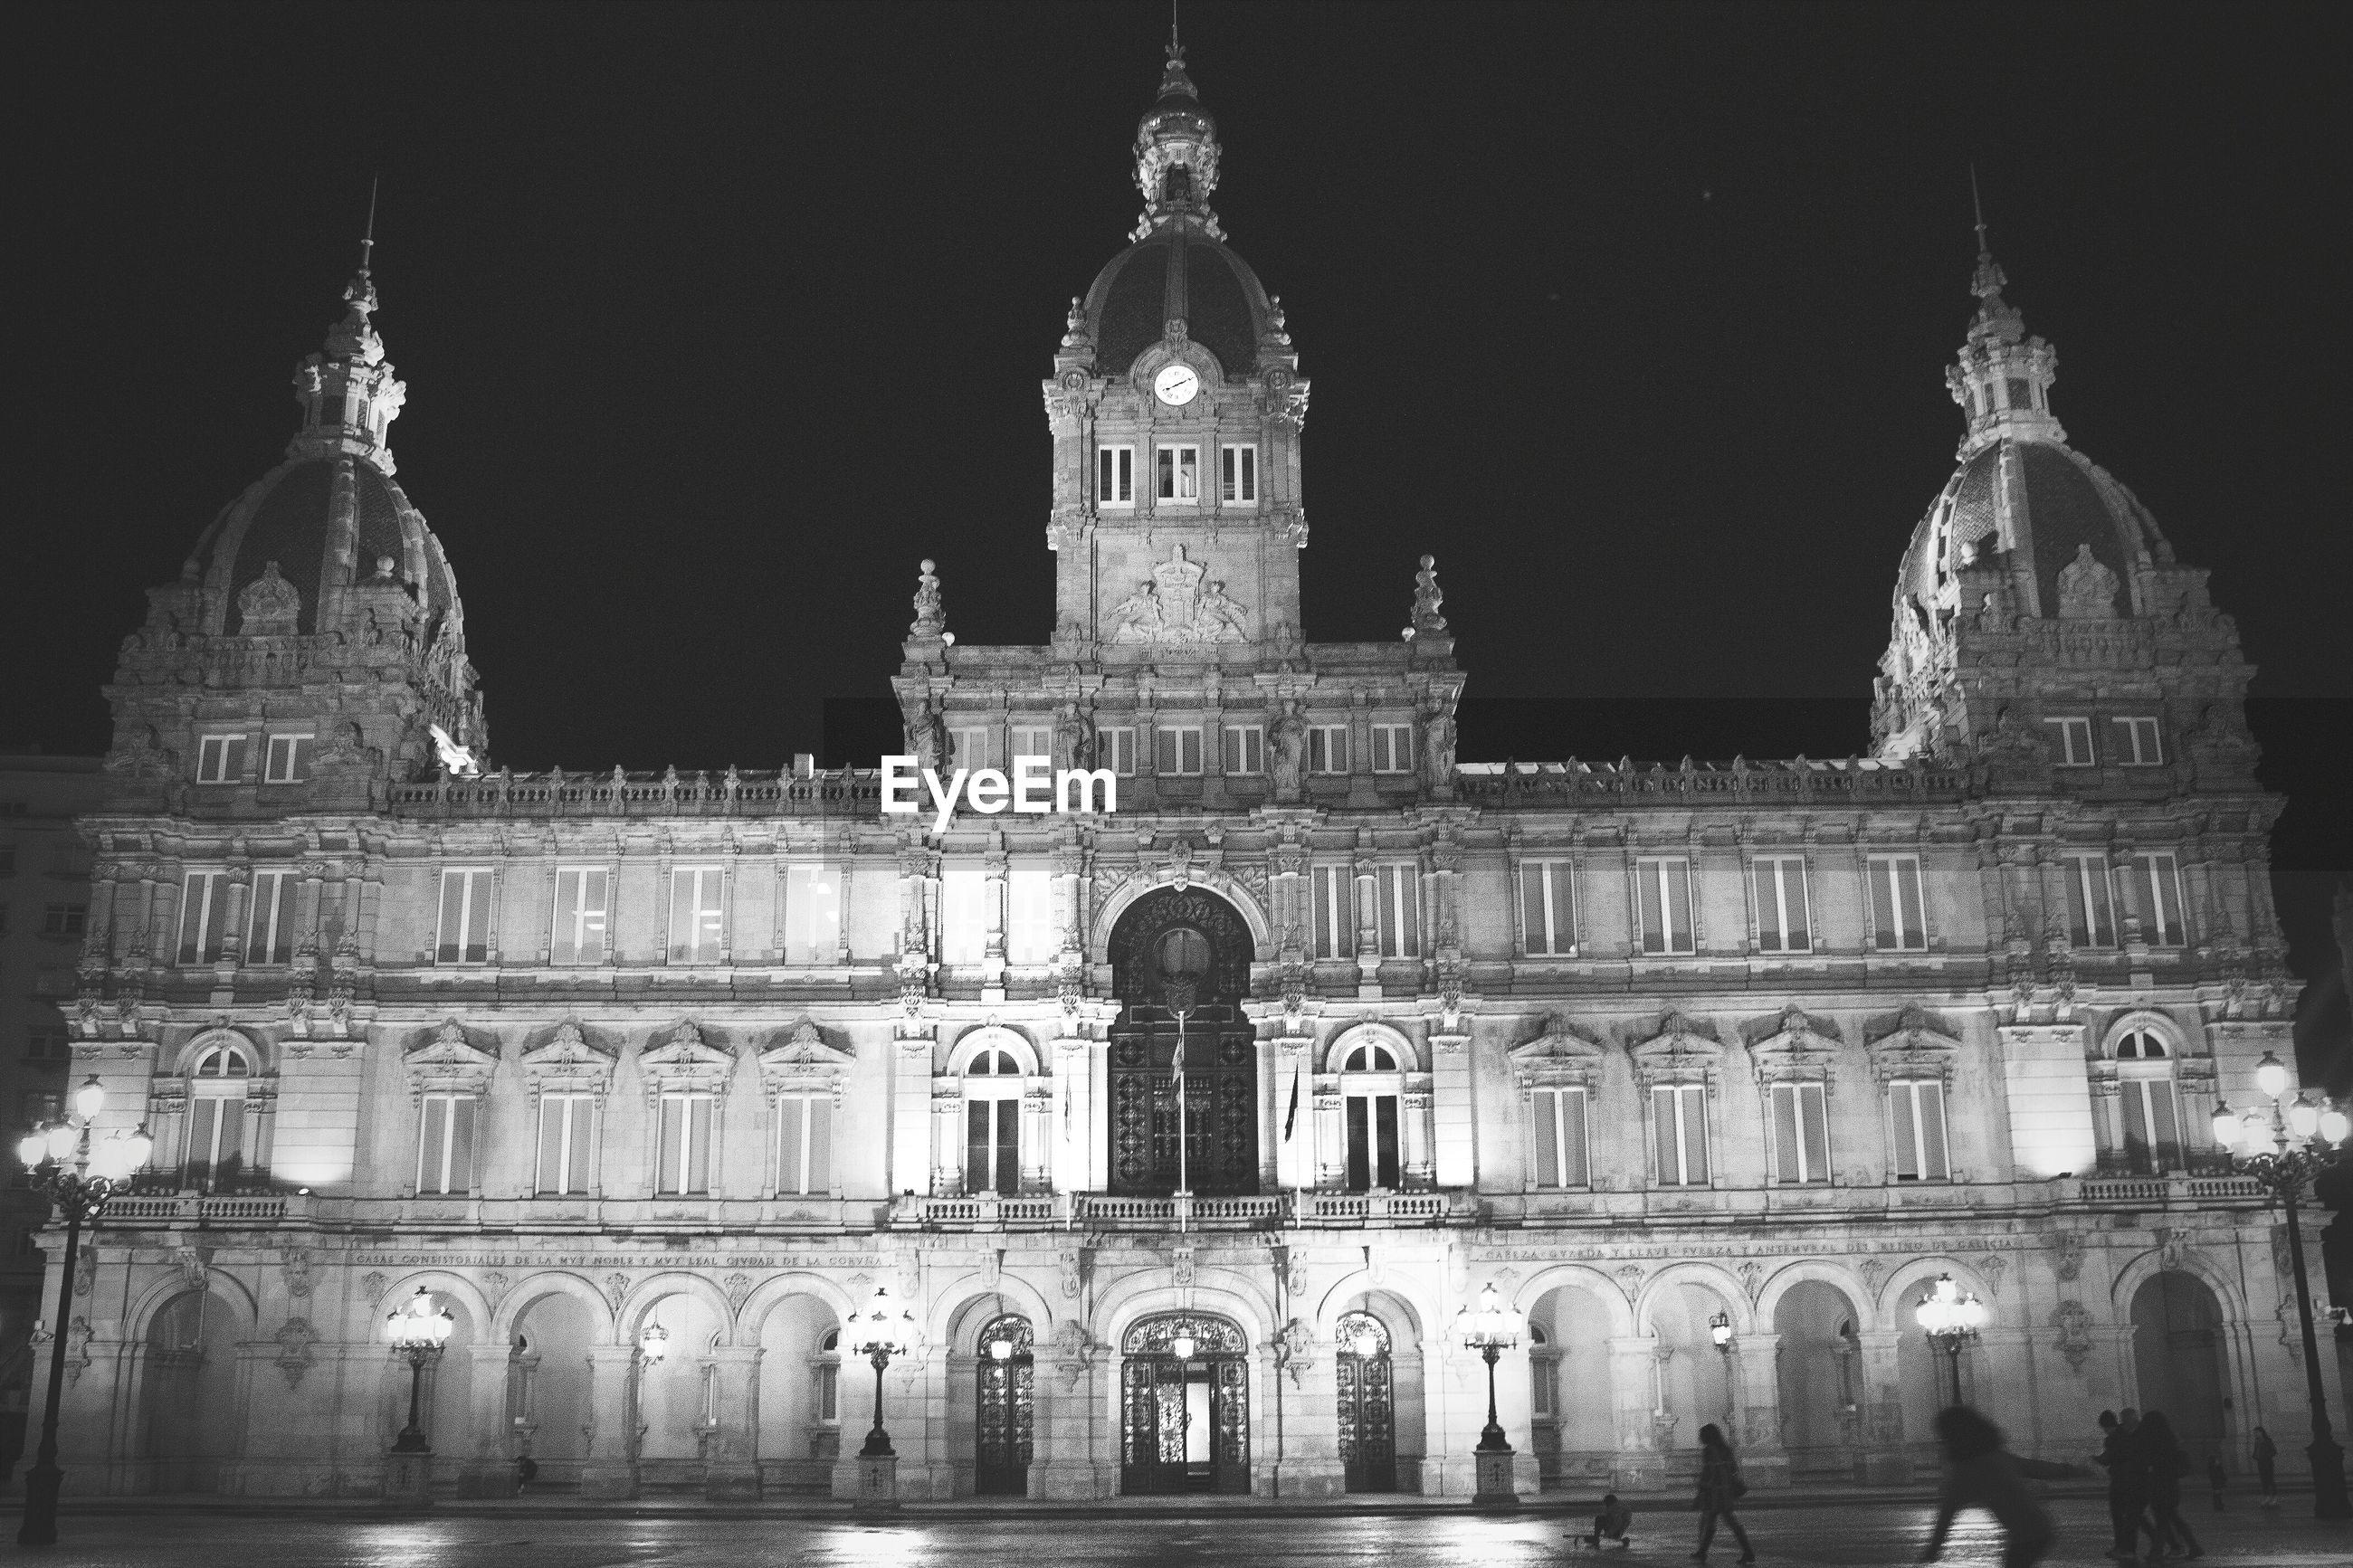 Facade of ayuntamiento de a coruna against sky at night